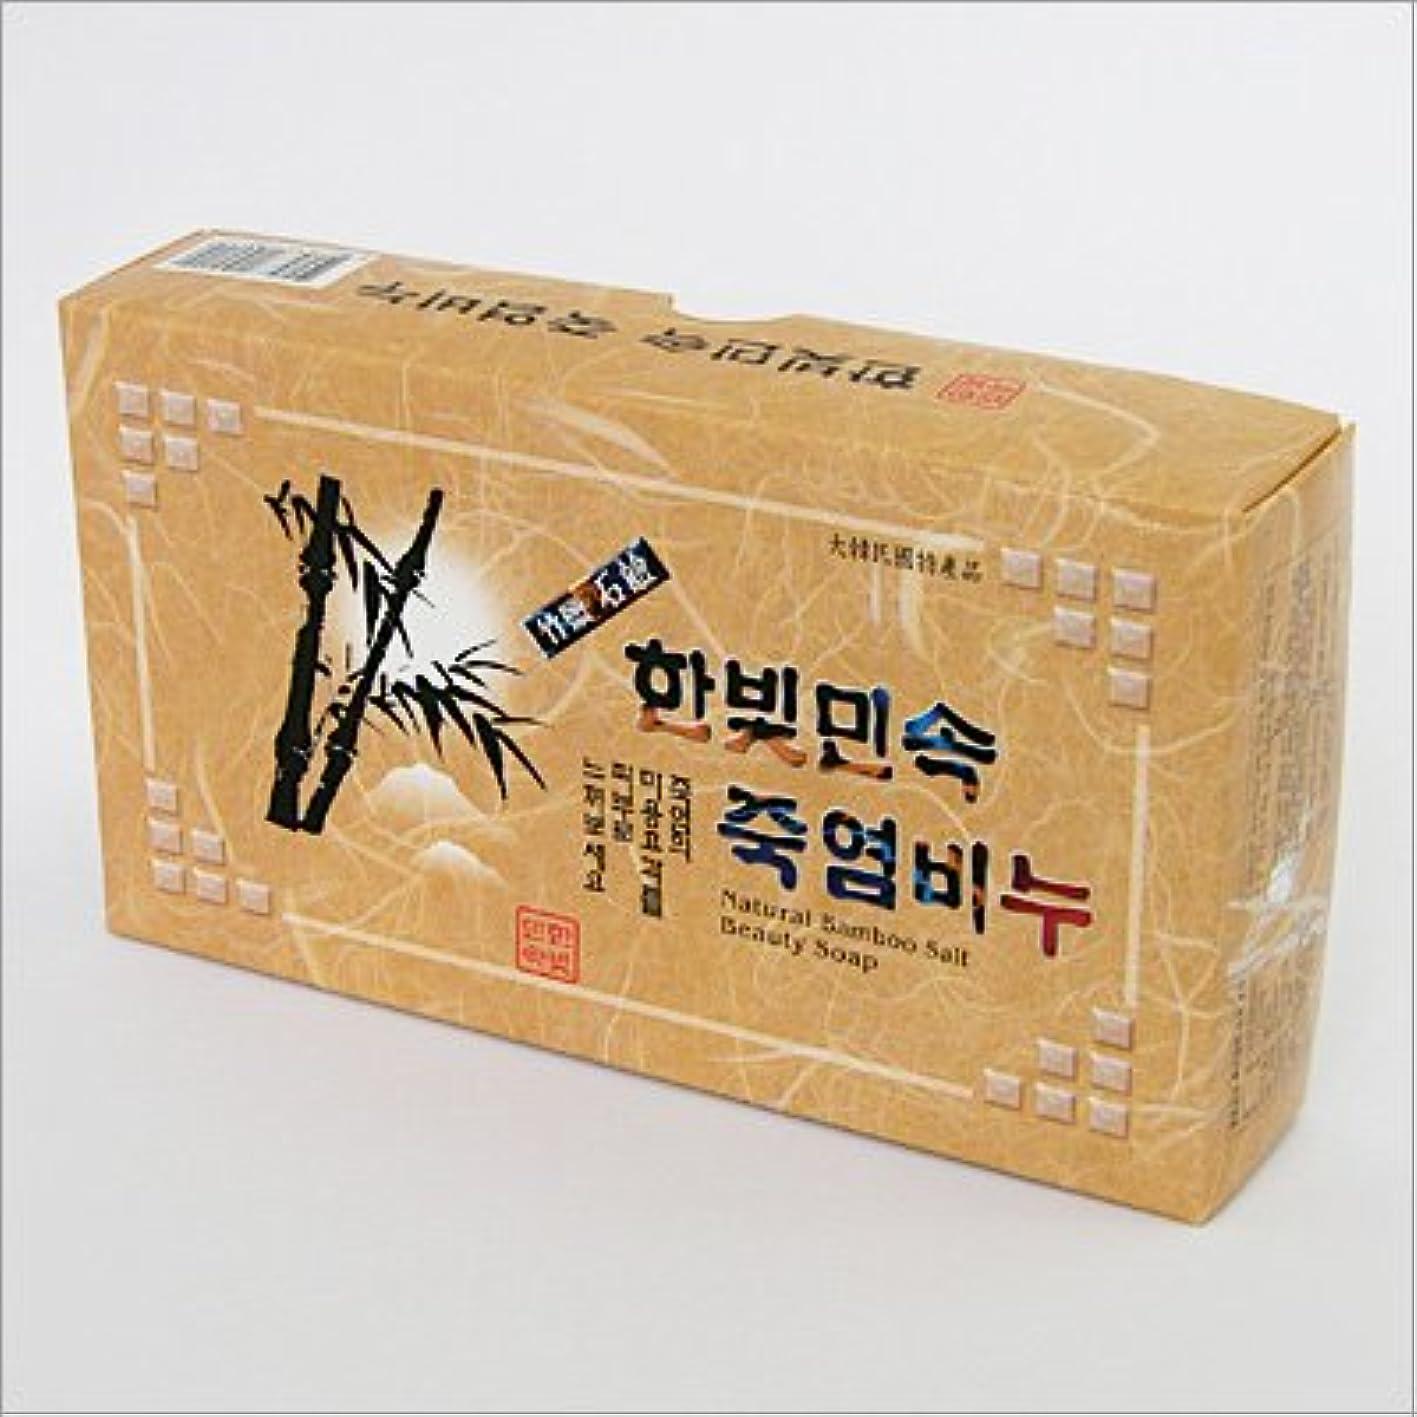 不名誉なロードブロッキング養う(韓国ブランド) 韓国 竹塩石鹸(3個セット)